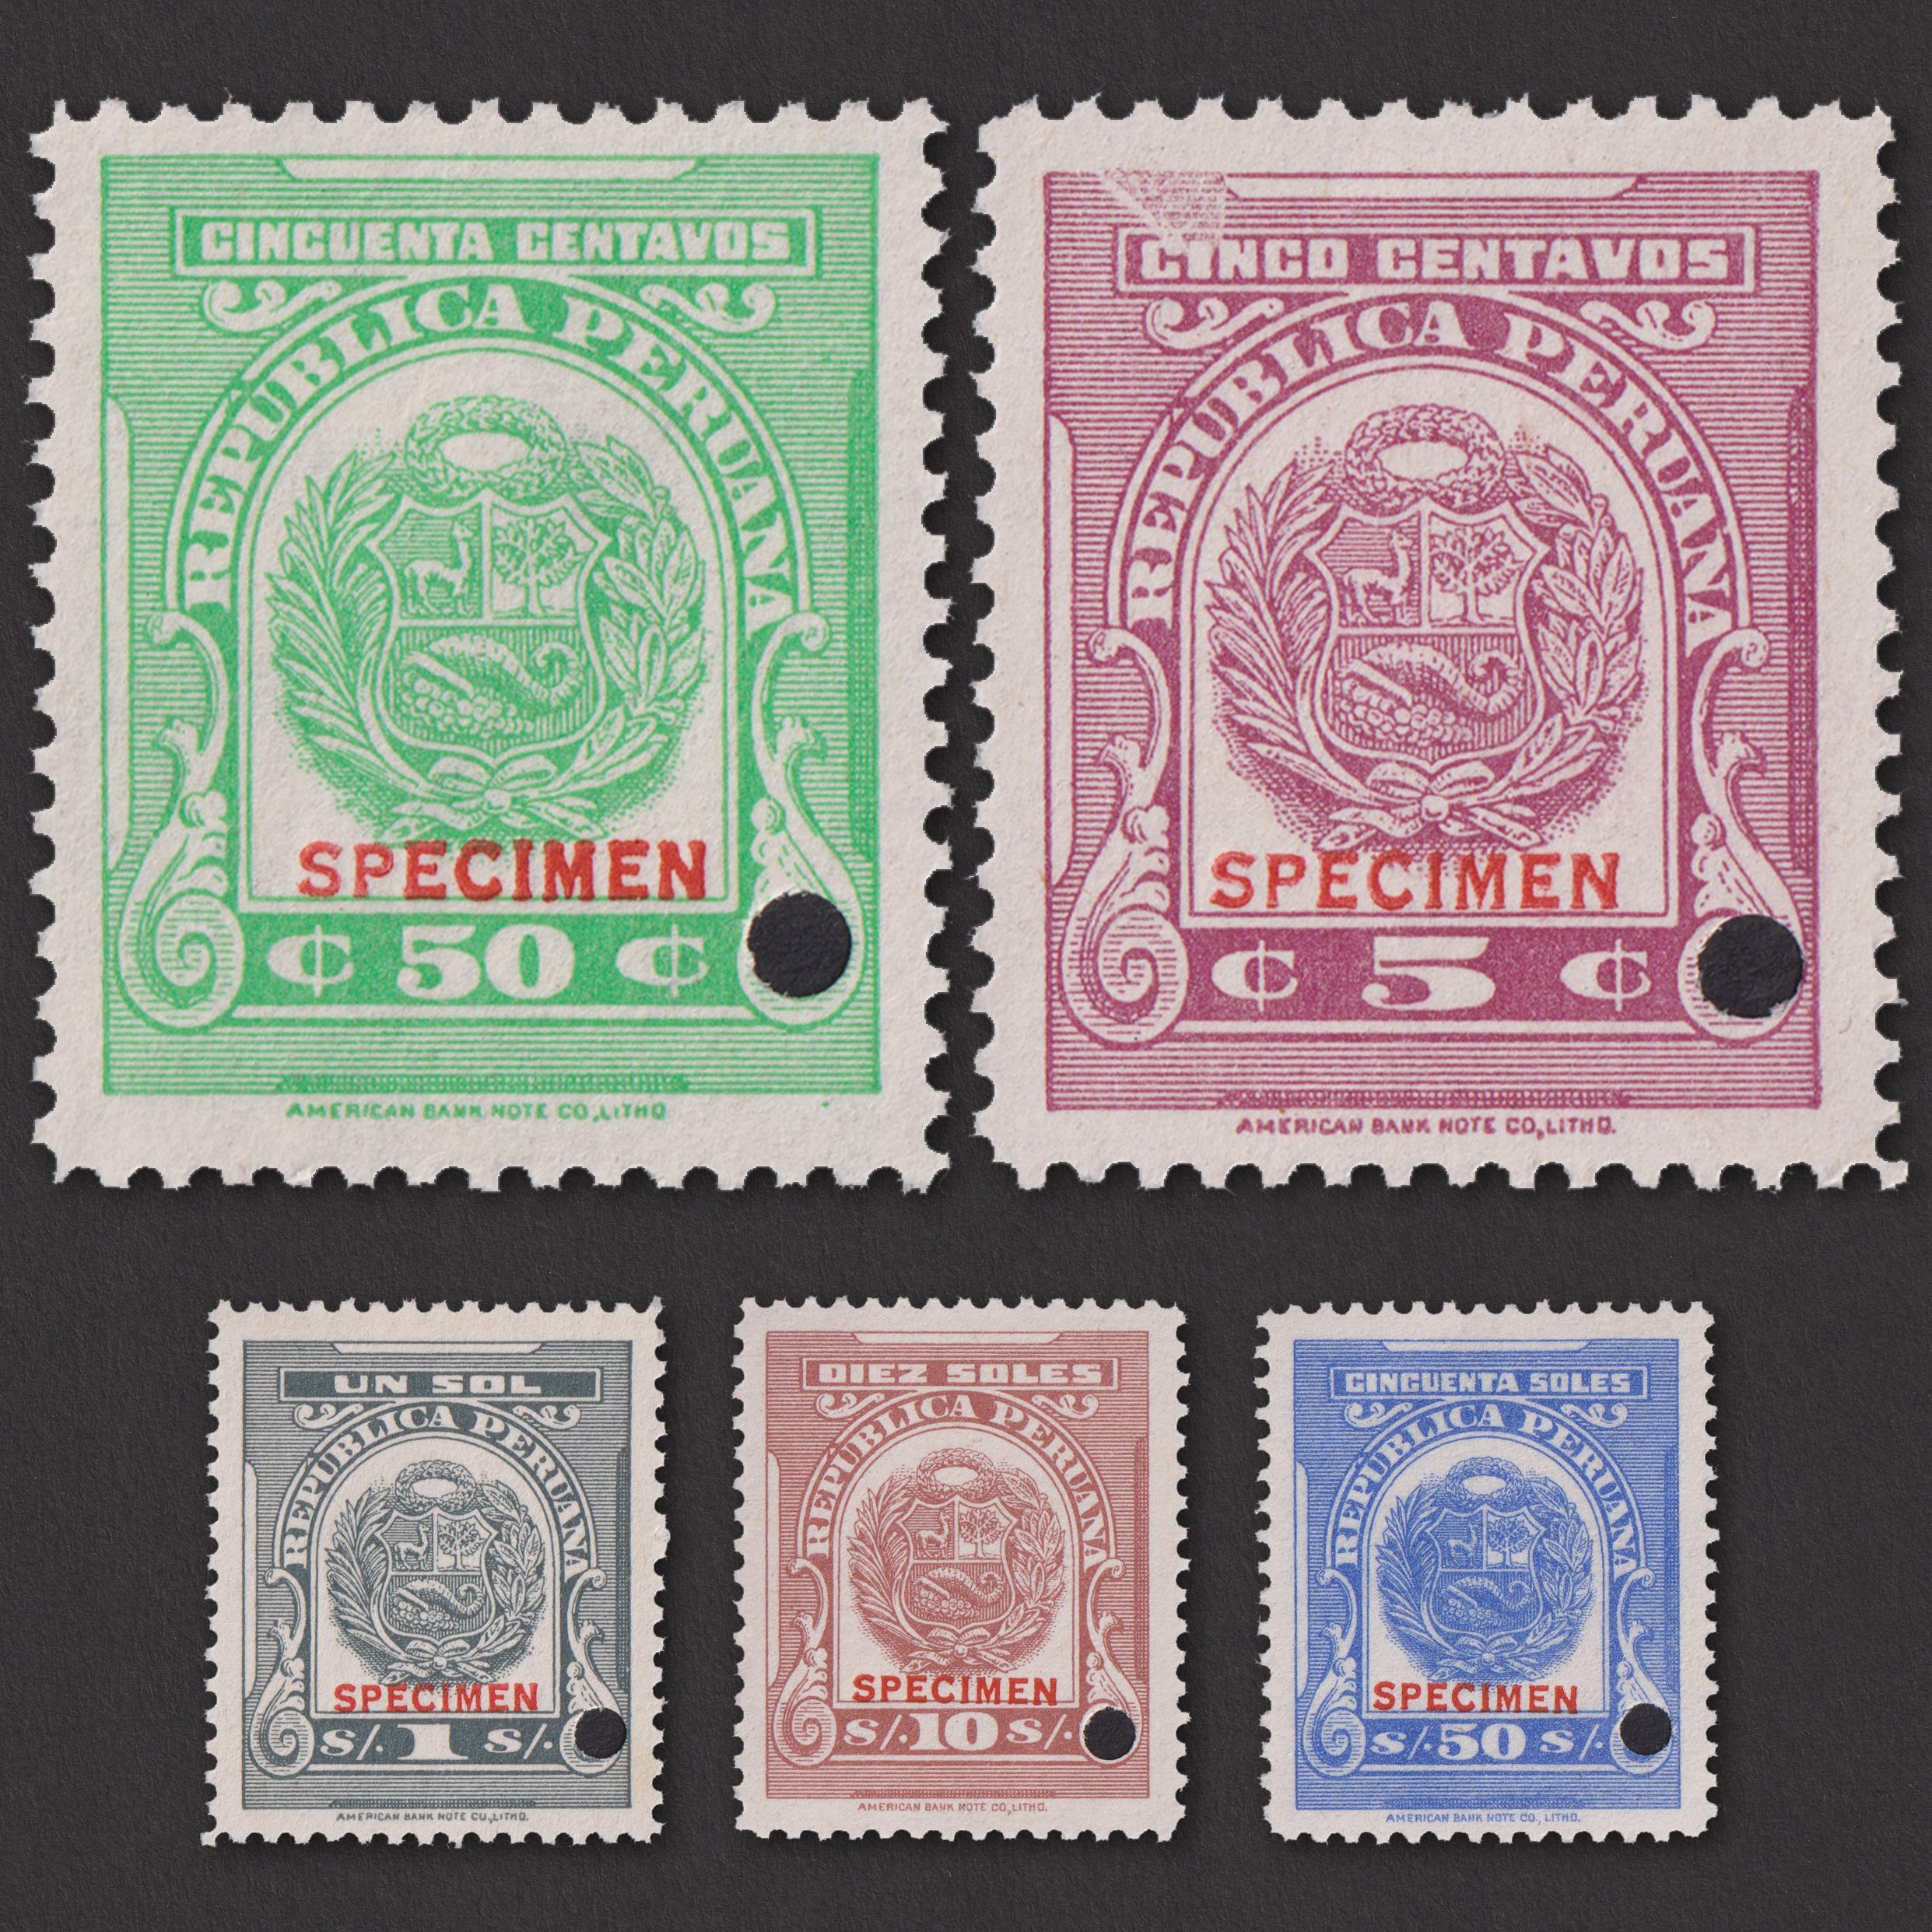 Набор из 5 казначейских марок Перу ** дизайна 1940-х годов